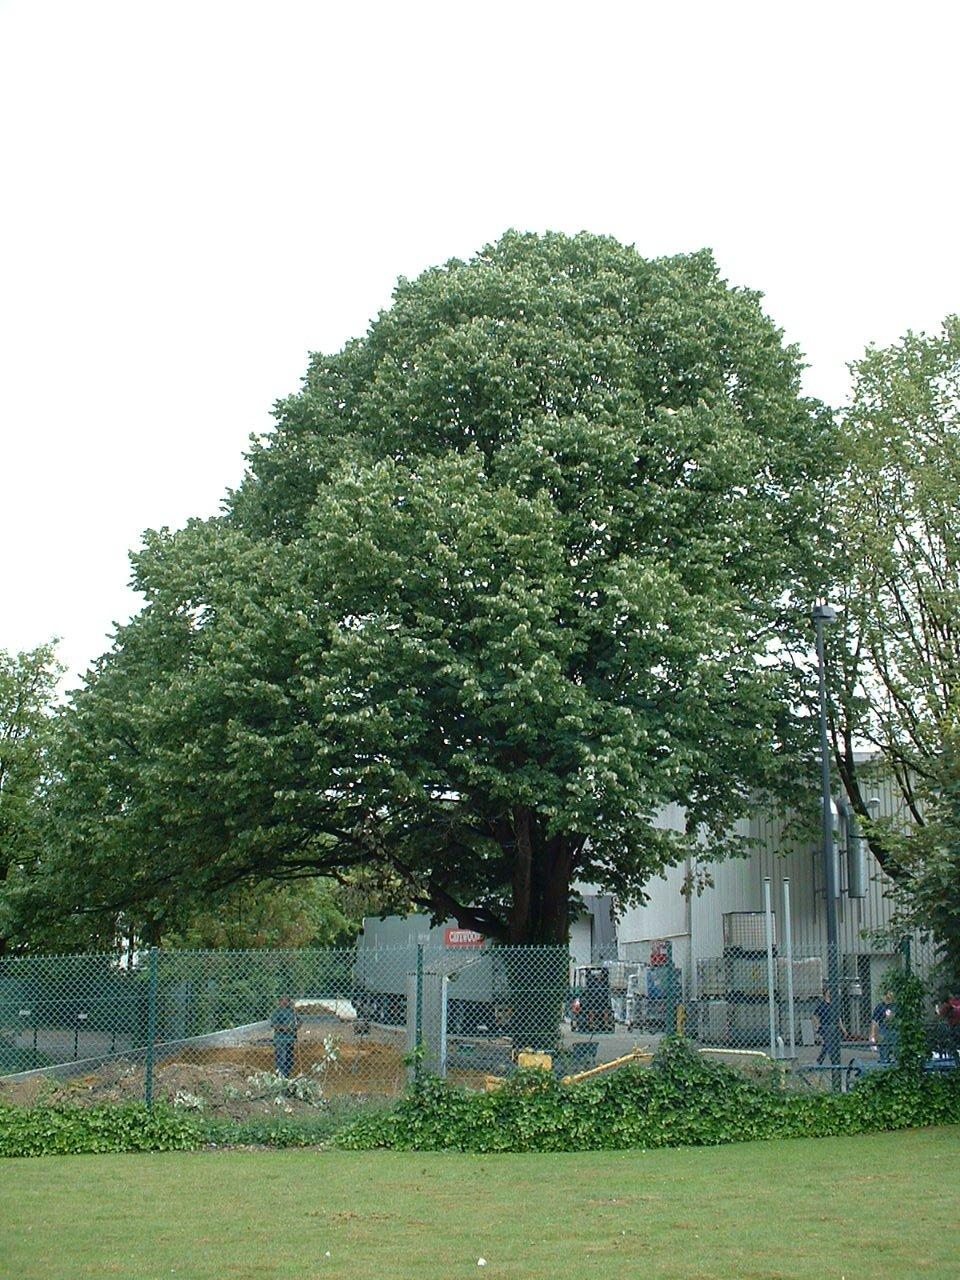 Tilleul argenté – Evere, Avenue de Bâle, 8 –  14 Juin 2002